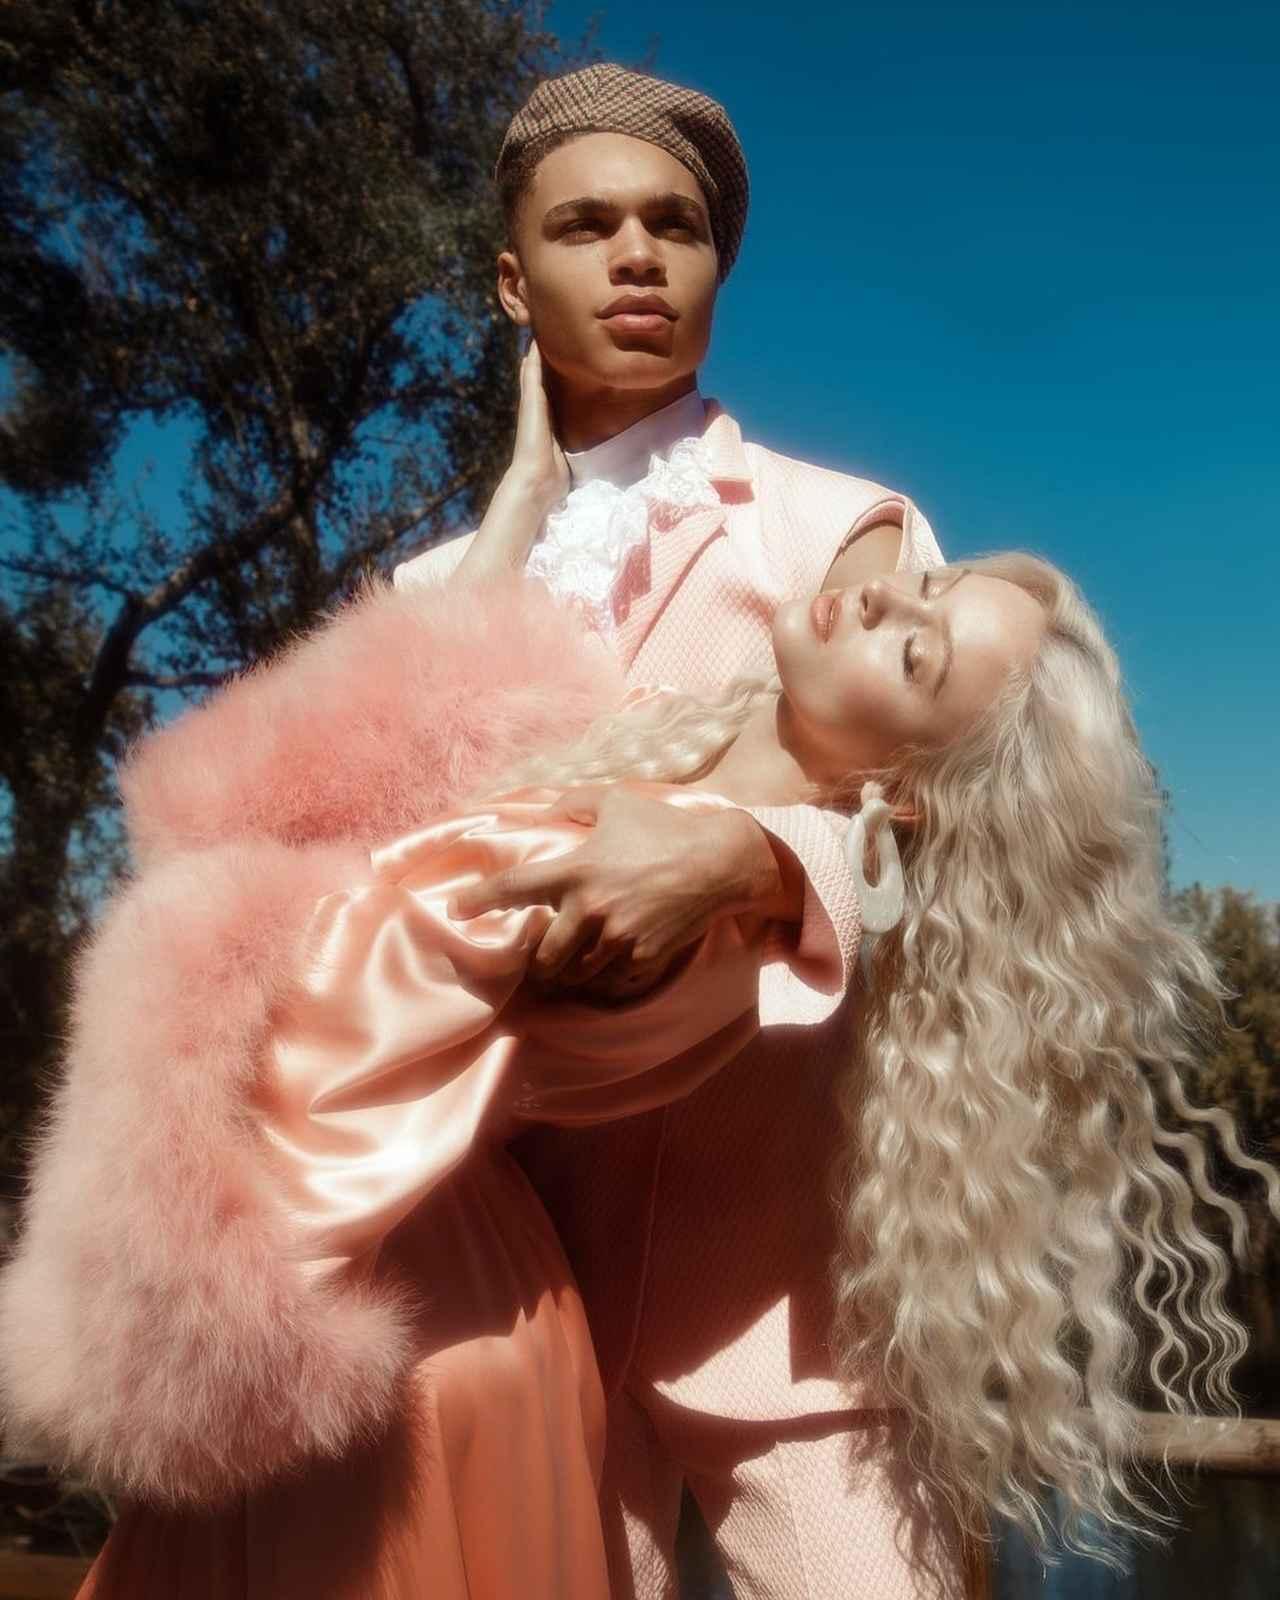 画像3: ザラ・ラーソン、恋人との写真がまるでおとぎ話のプリンセス